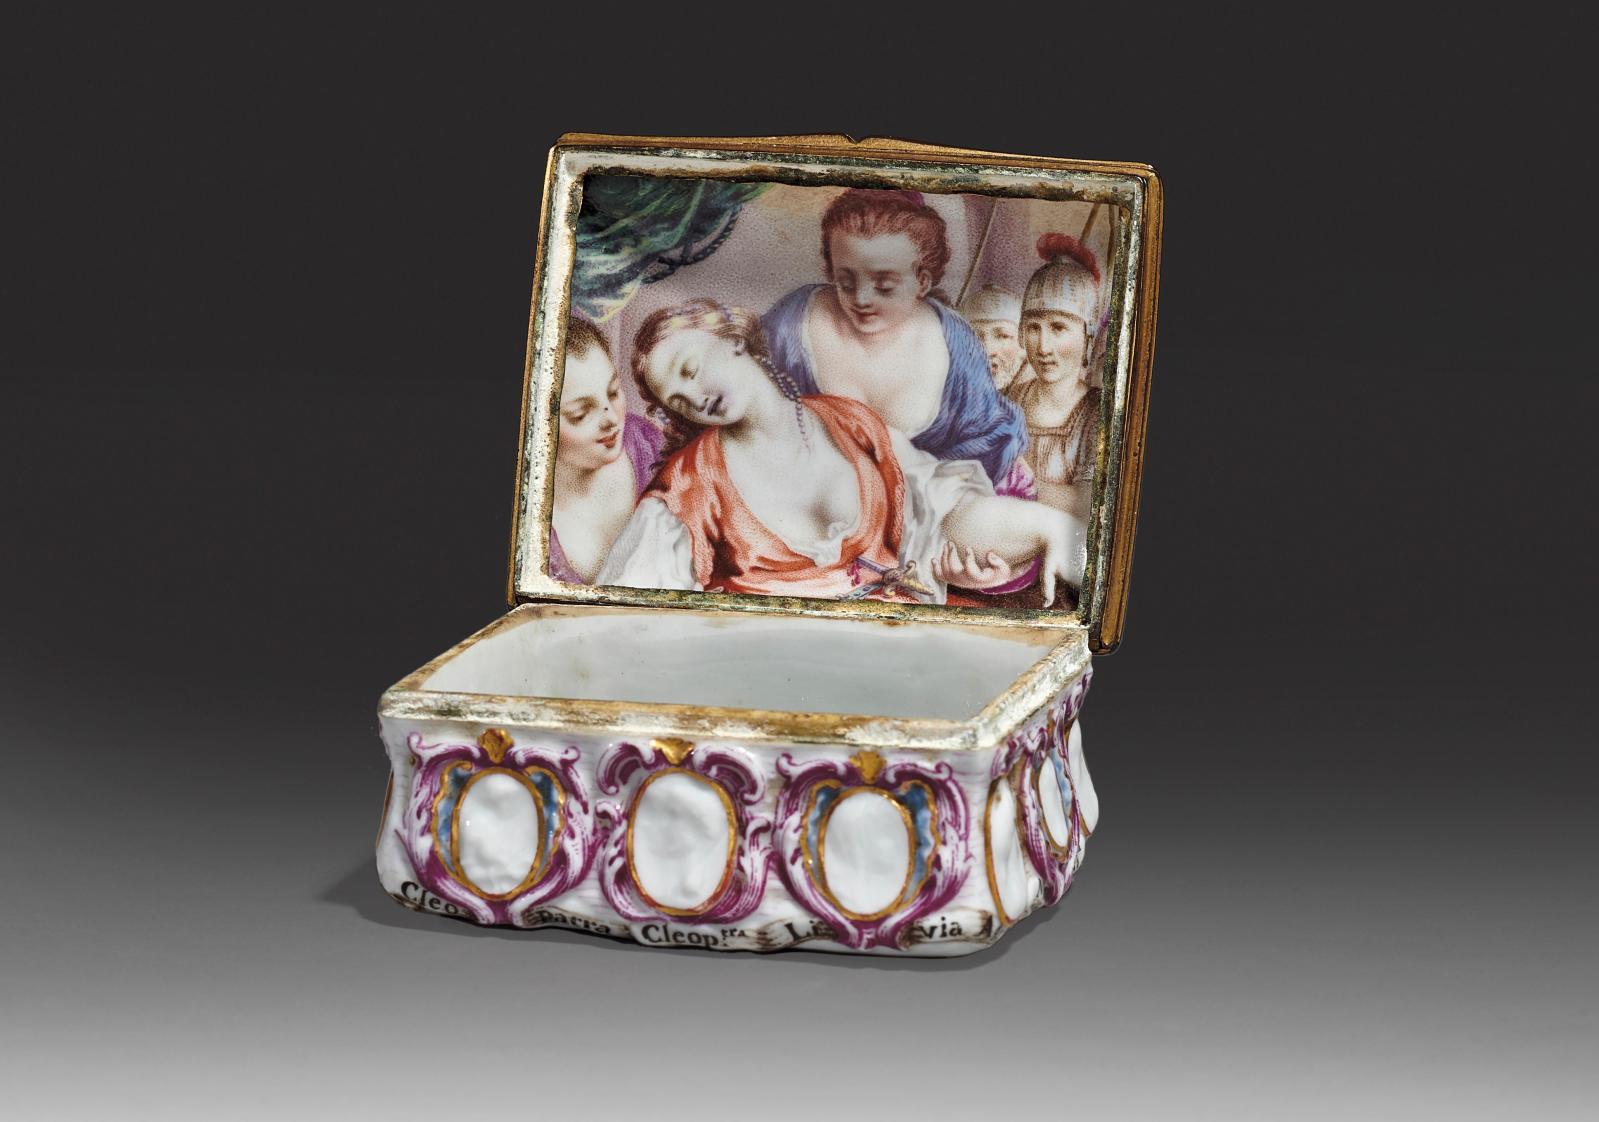 Doccia, XVIIIesiècle. Tabatière en porcelaine or décorée en relief de profils d'impératrices et d'empereurs romains dans des cartouches pourpres et o